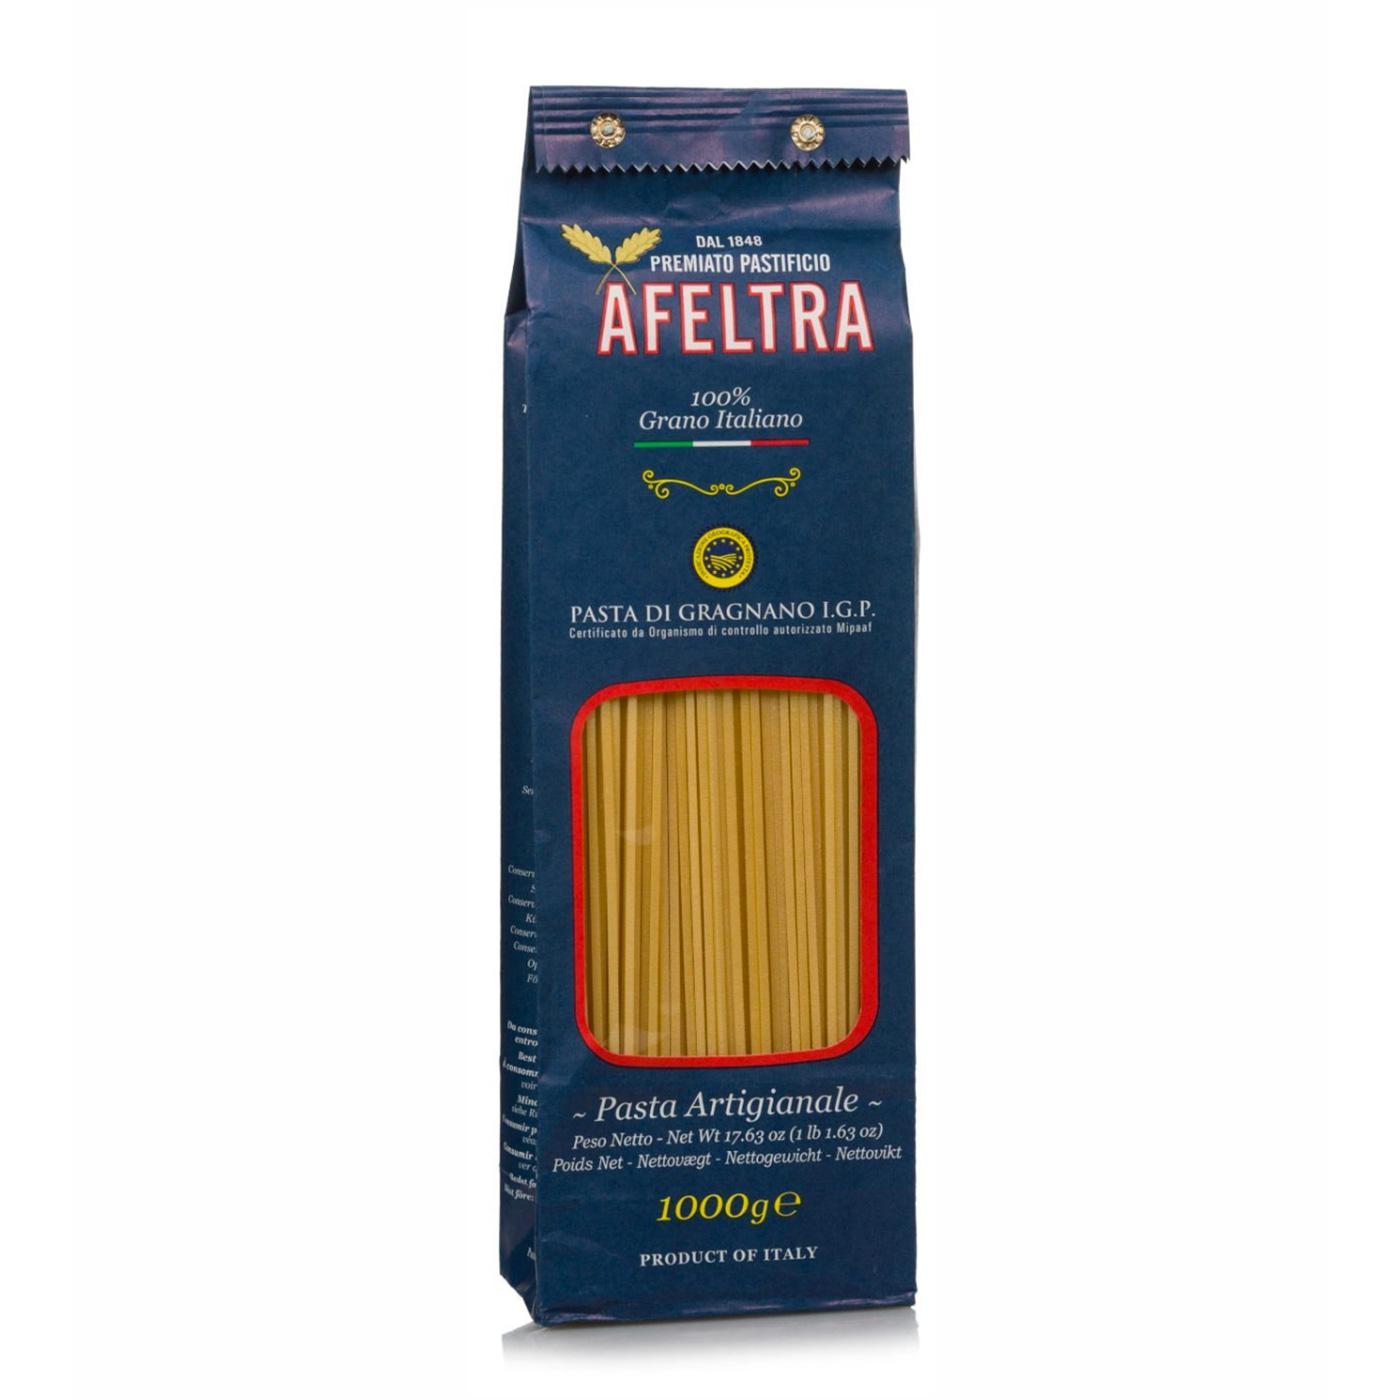 Afeltra Spaghetto Igp 100% Grano Italiano 1kg